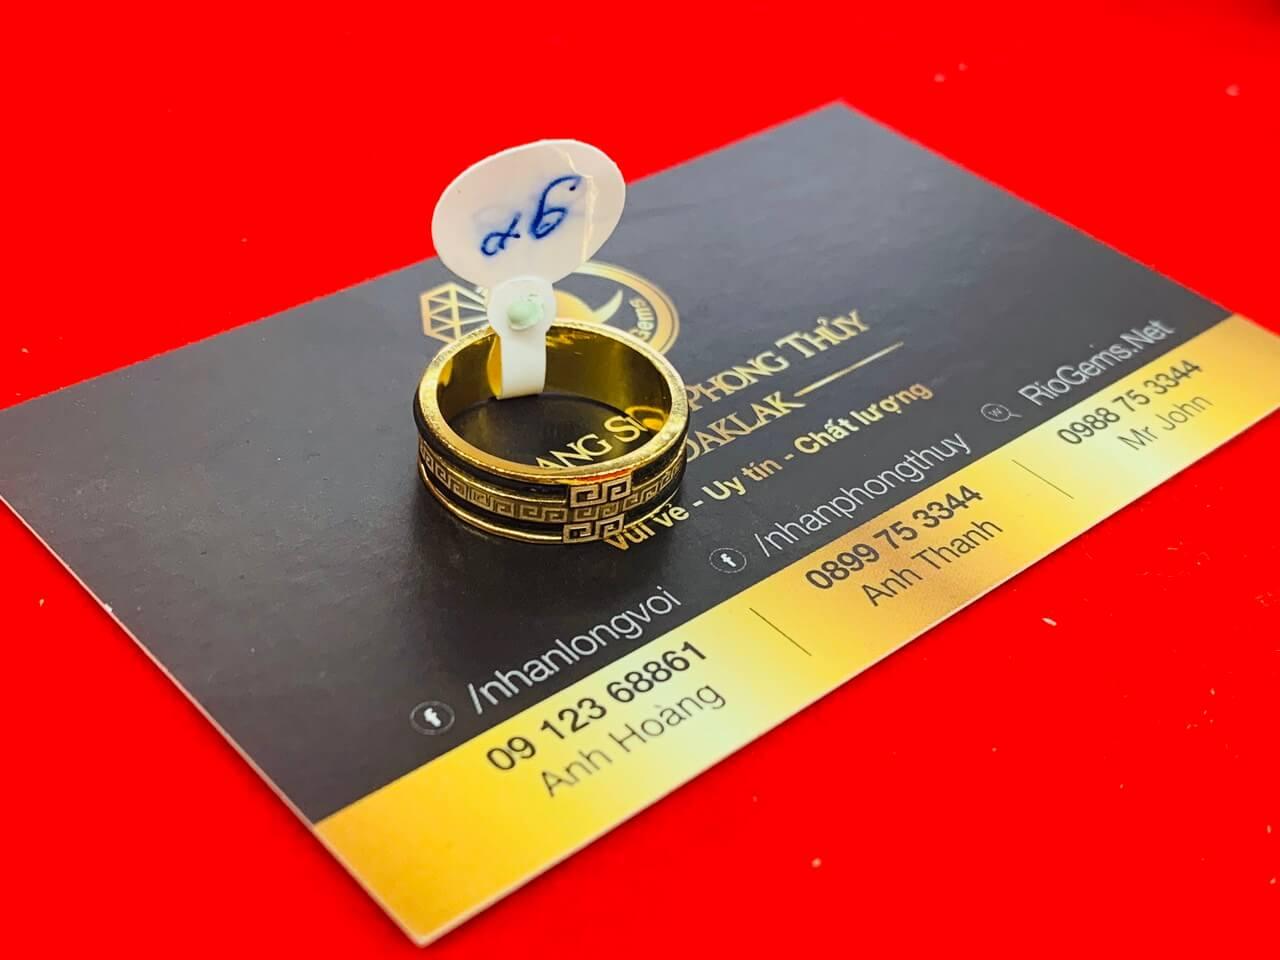 Mẫu nhẫn 1 hàng hoa văn VÀNG 18K chạy 2 sợi lông fake Bảng 6mm (Hoa văn chìm)